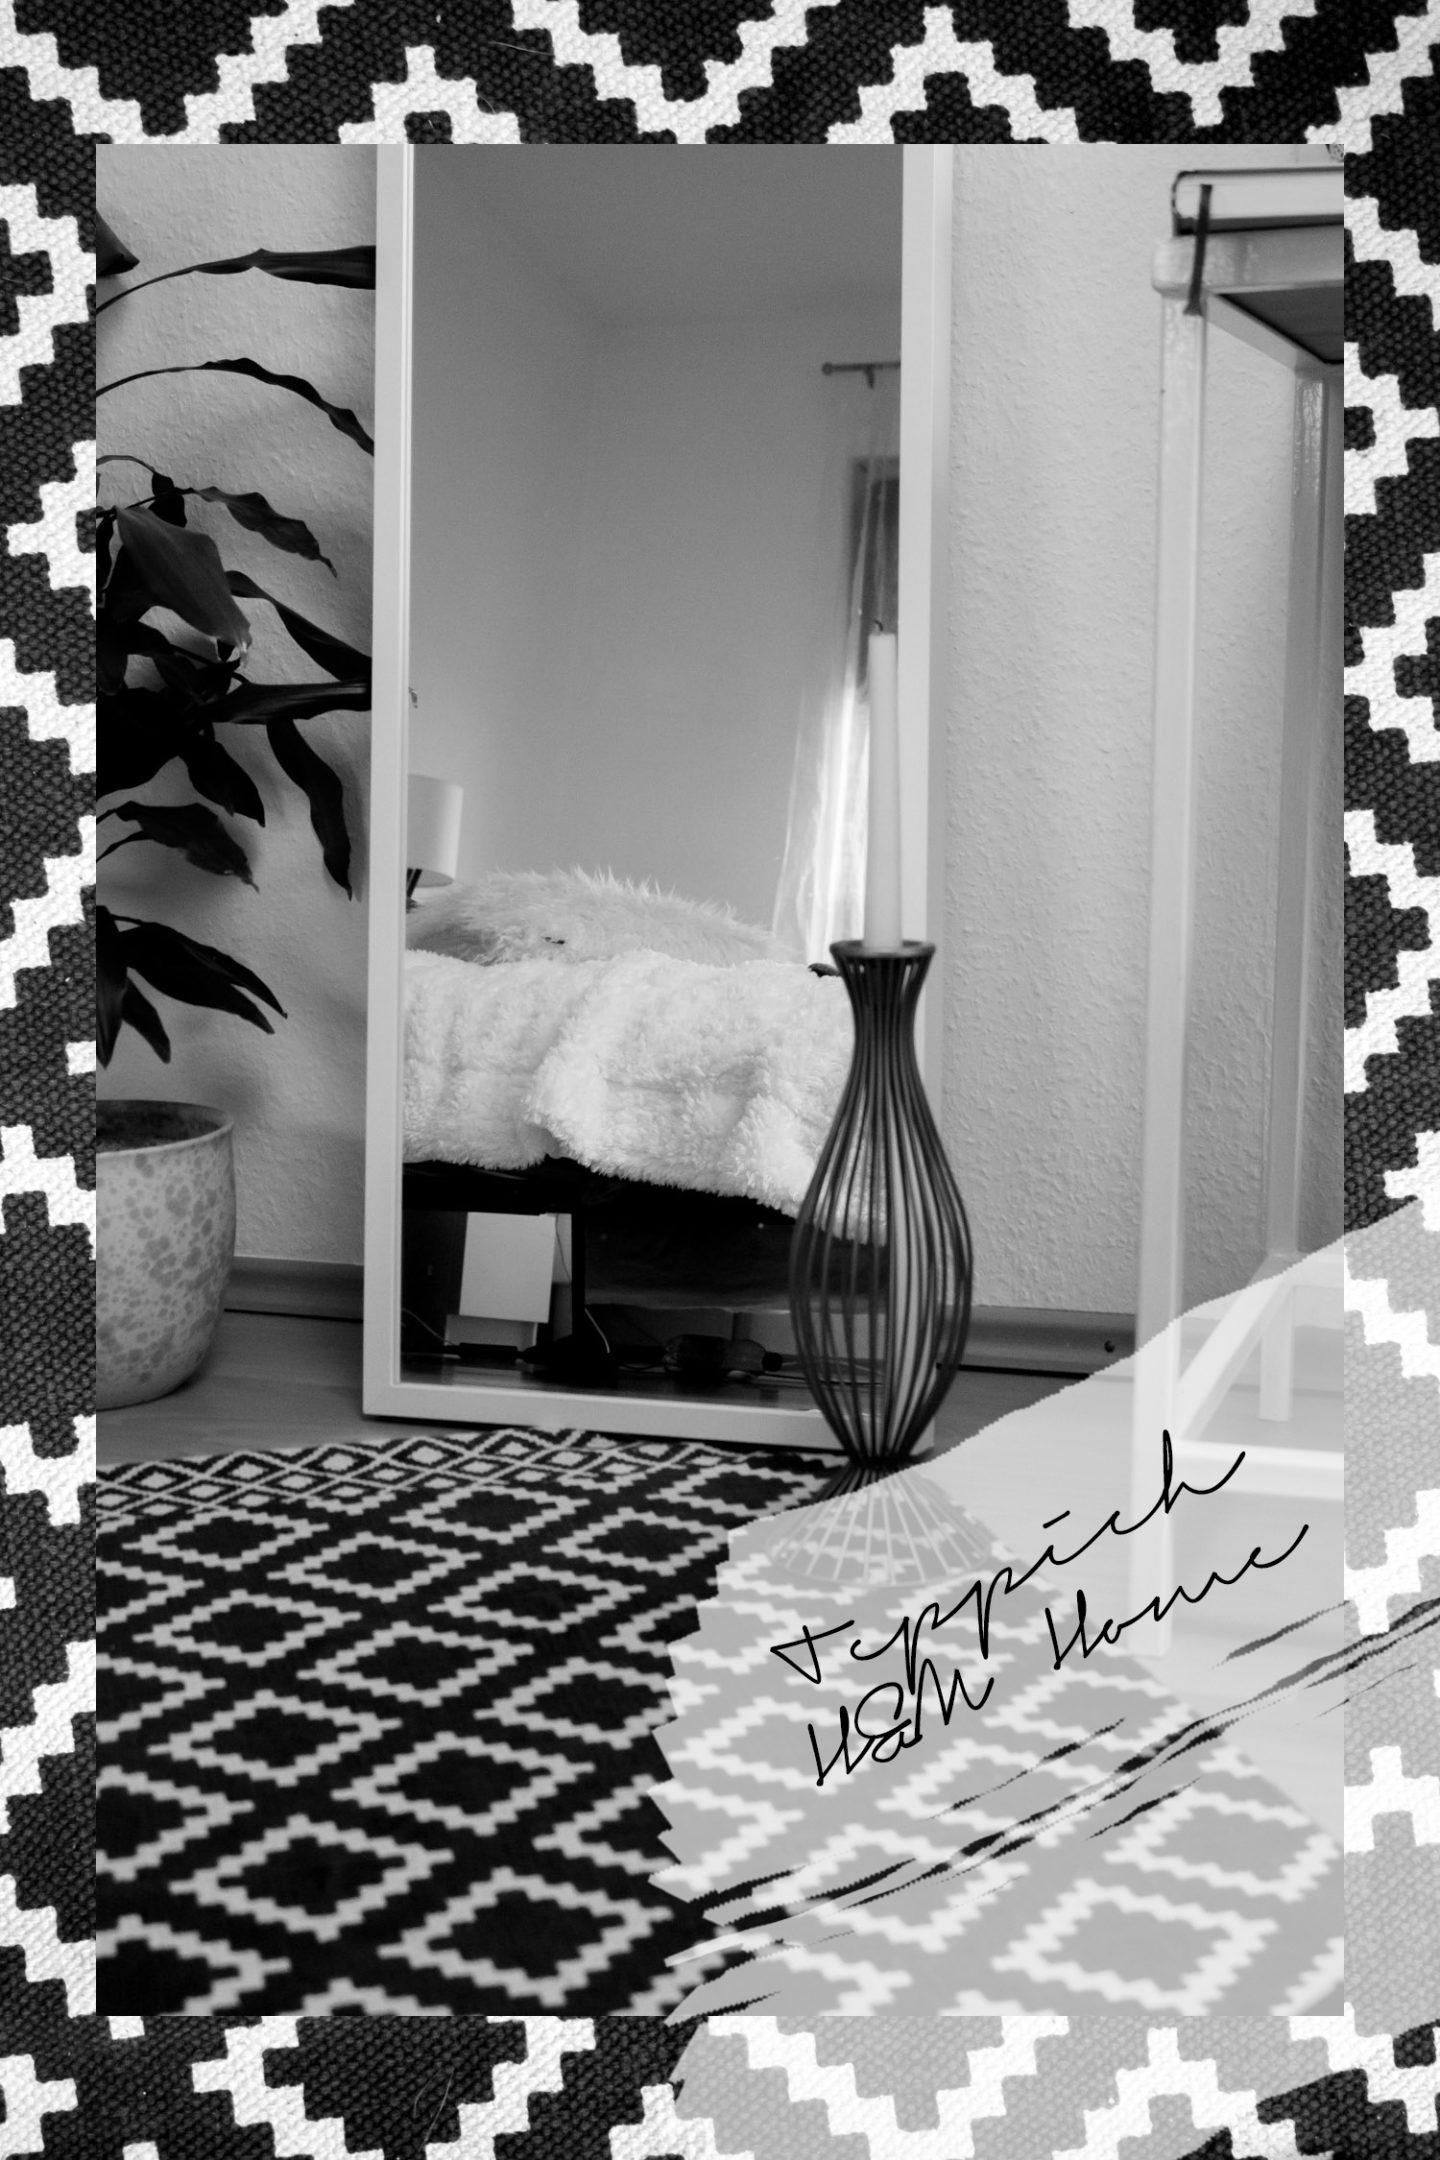 herbst-dekoration-einrichtung-wohnen-minimal-interior ...